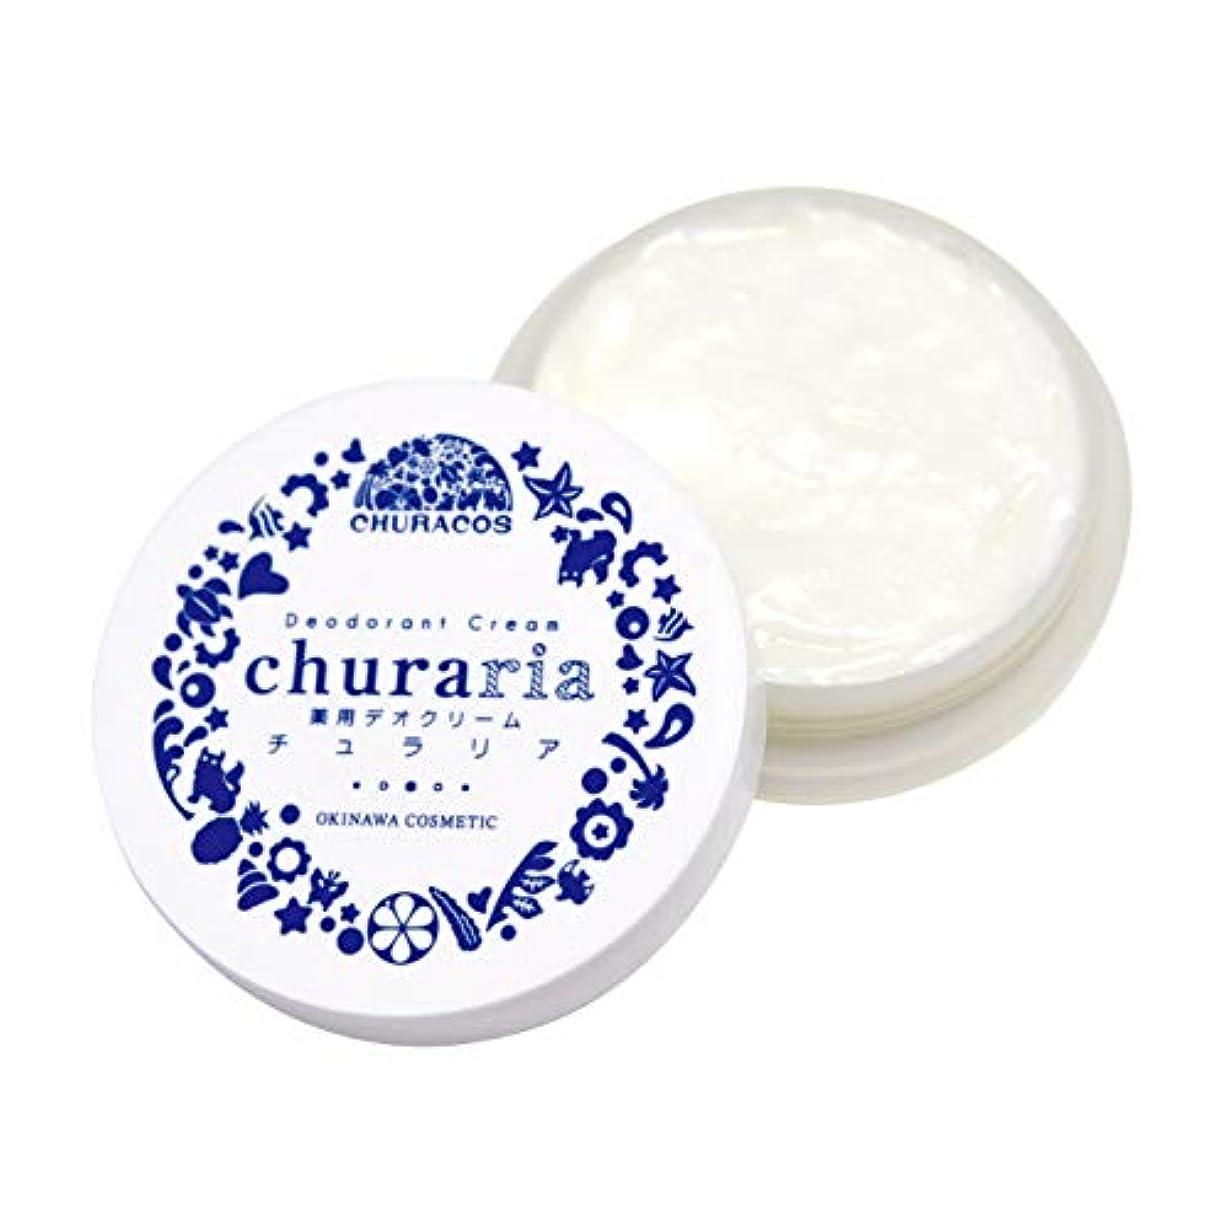 バクテリア順応性のある優勢チュラコス 薬用デオドラントクリーム チュラリア 27g 制汗剤 わきが デリケート (1個)